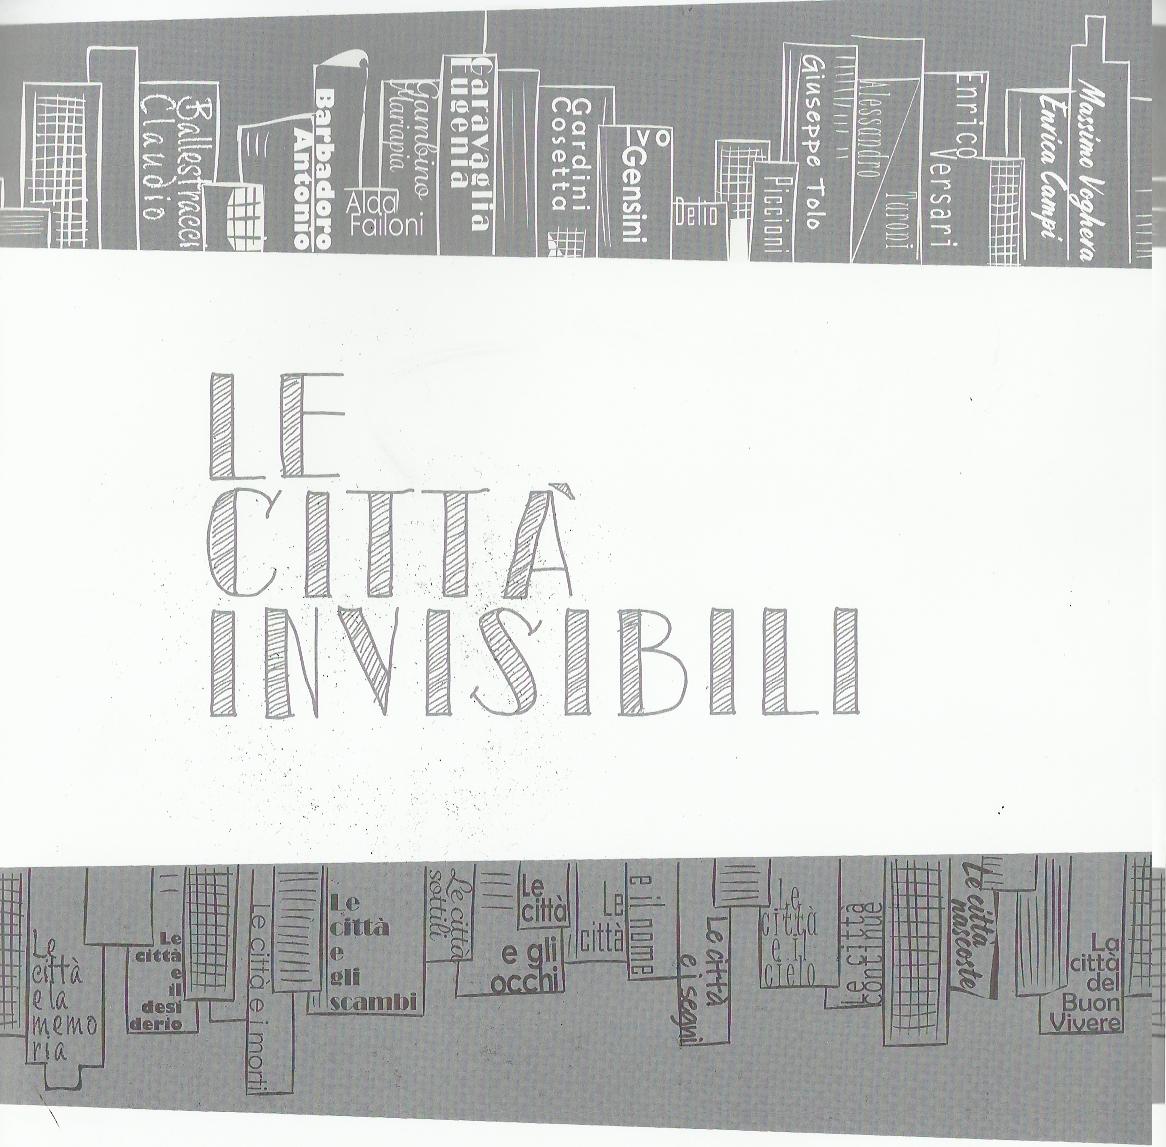 36-Le-città-Invisibili-a-cura-di-Paolo-Rambelli-e-Gianni-Zauli-2018-Chiesa-di-S.-Giacomo-Forlì-collettiva-1.jpg